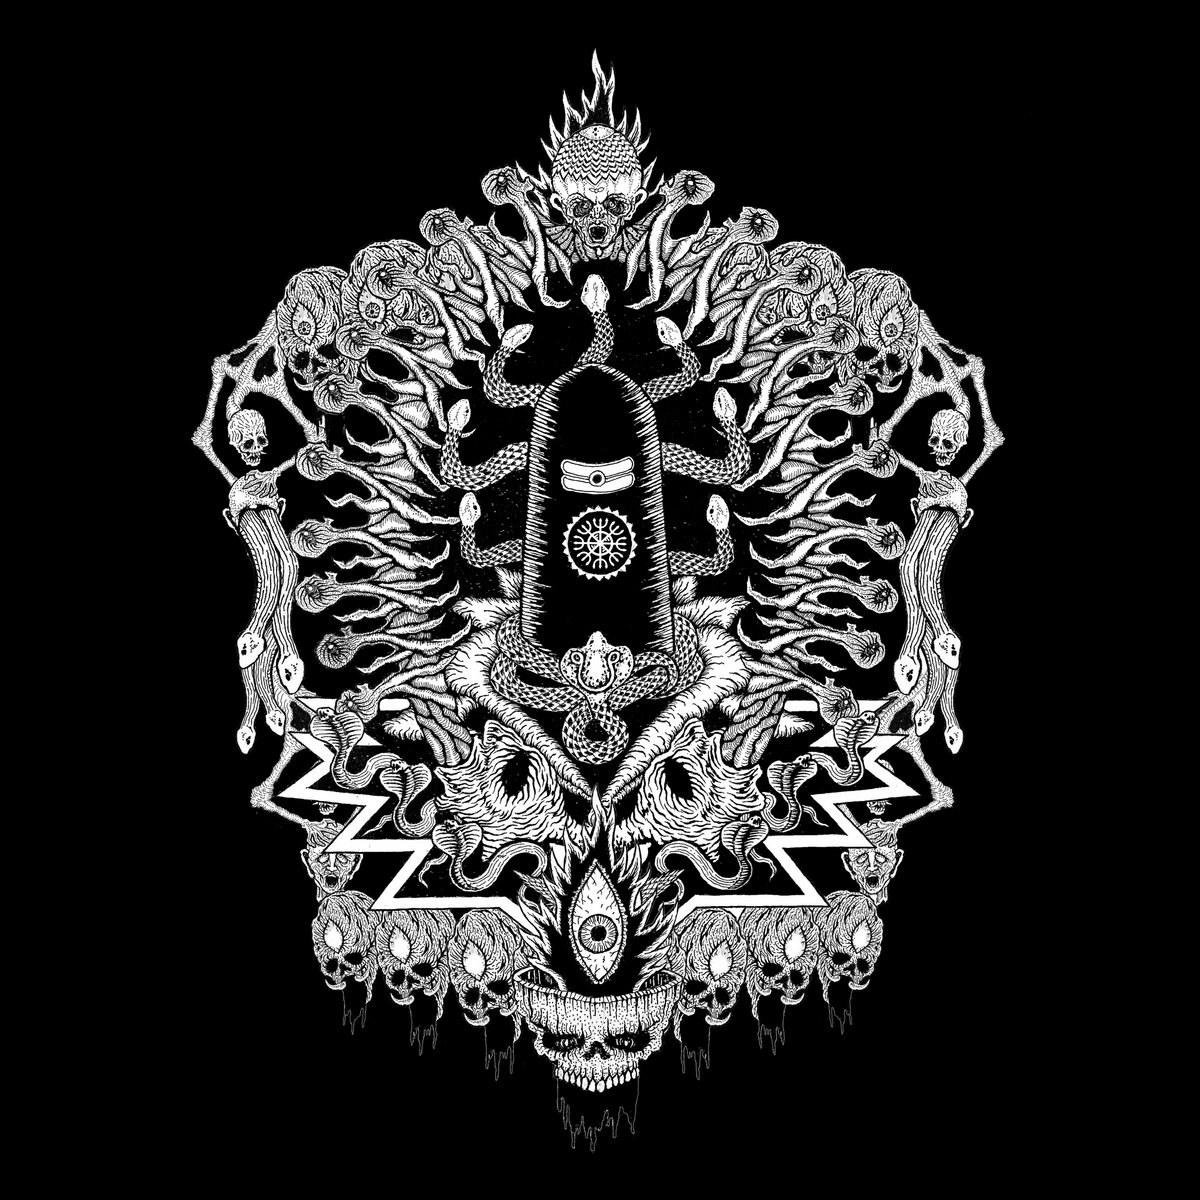 Reviews for Genocide Shrines - Manipura Imperial Deathevokovil (Scriptures of Reversed Puraana Dharmurder)